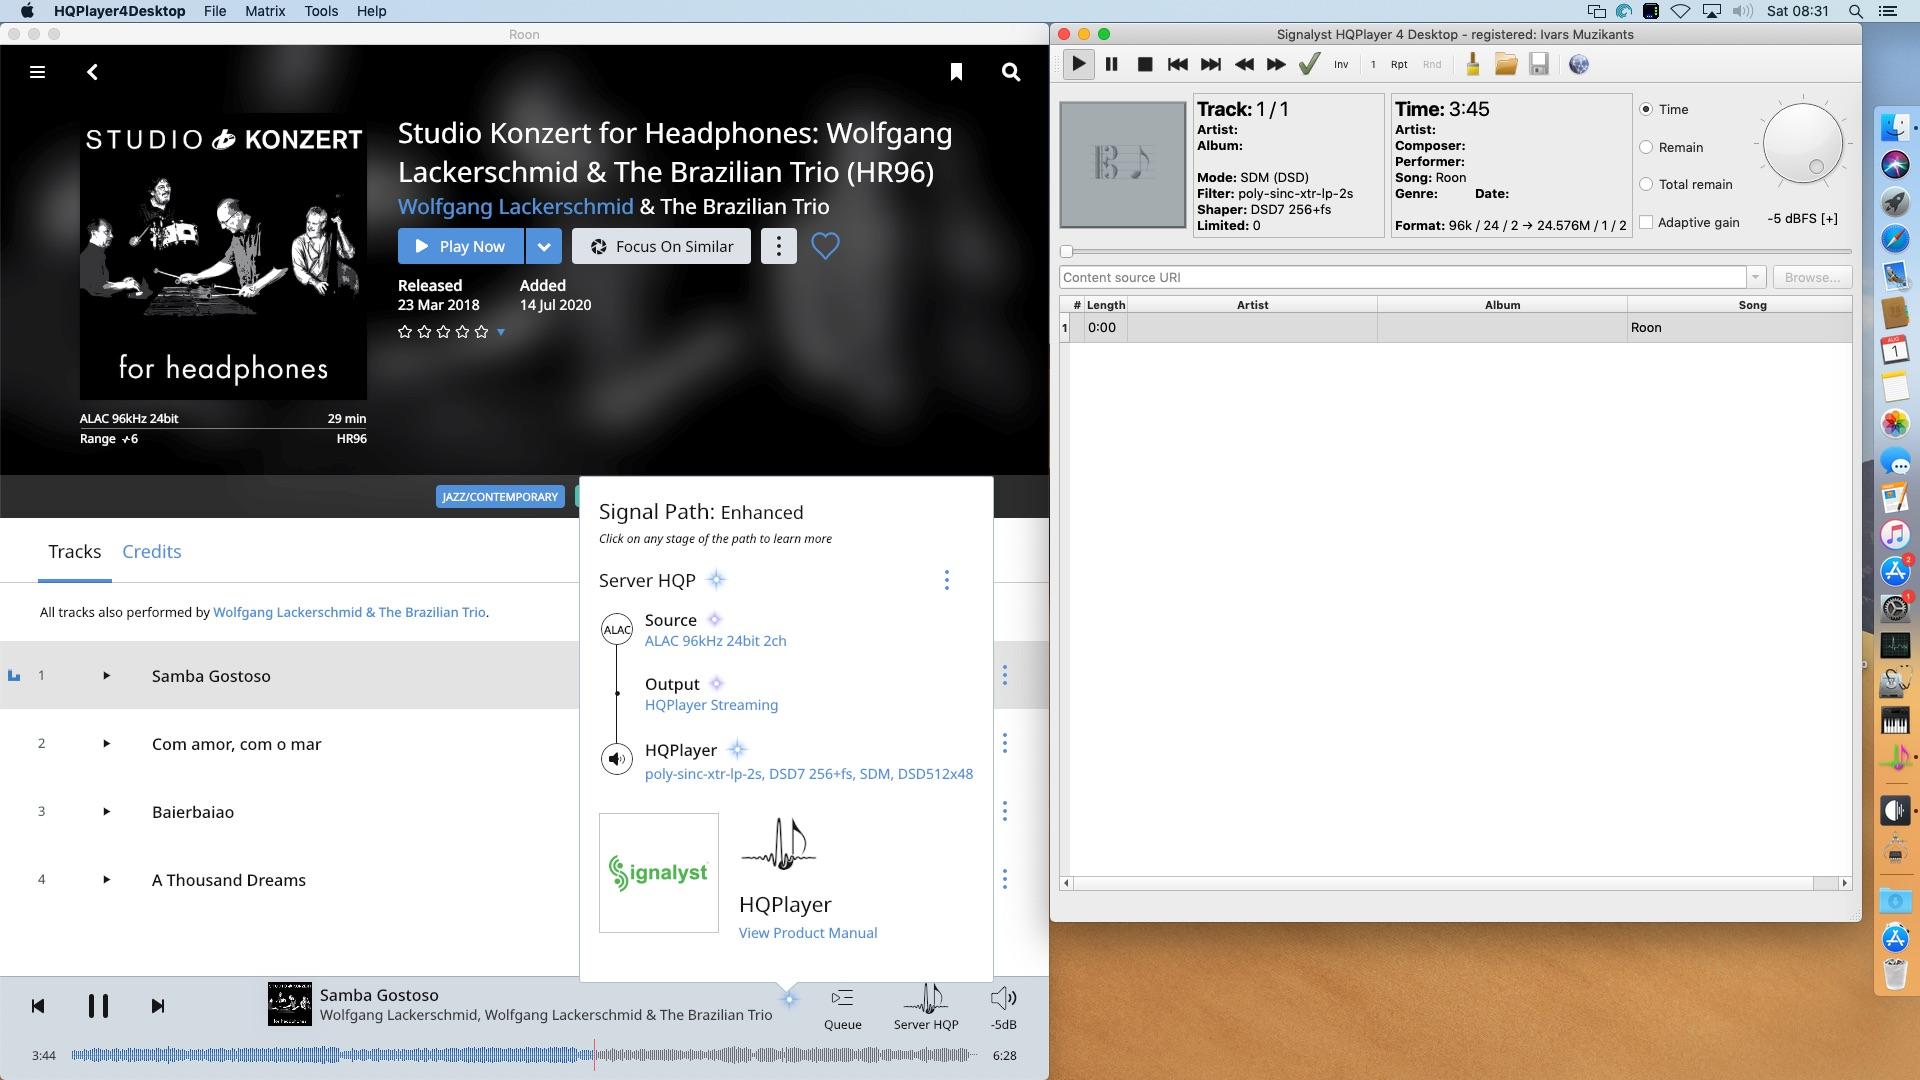 Screenshot 2020-08-01 at 08.31.08.jpg